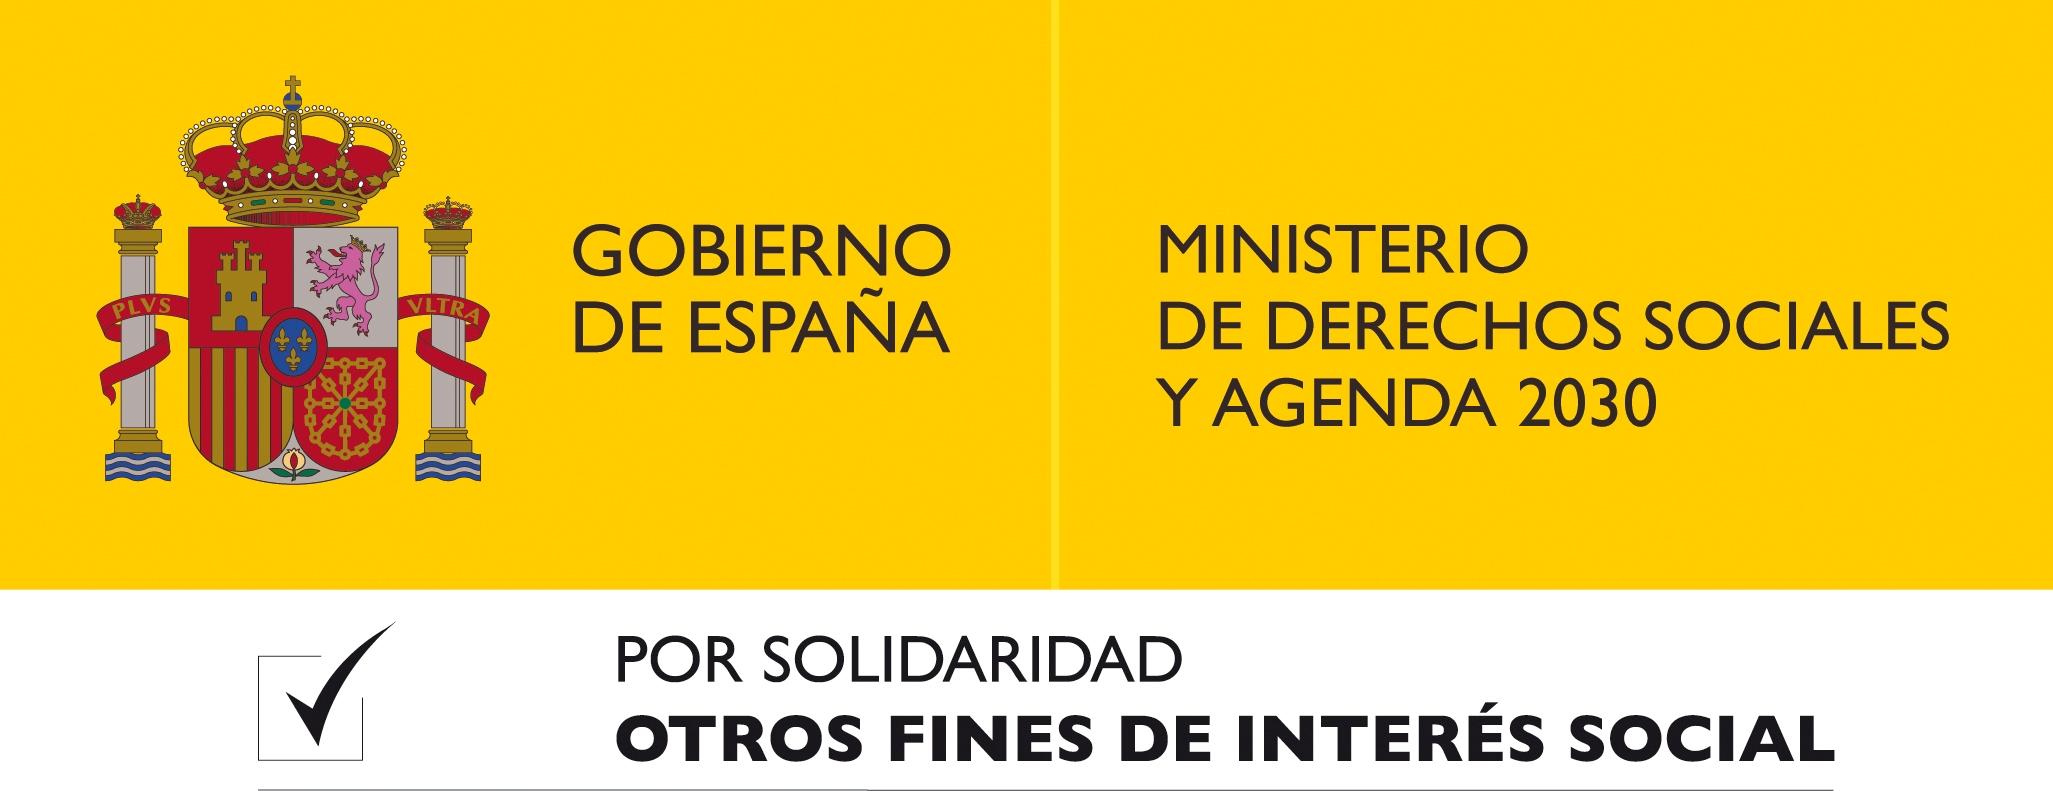 Ministerio de derechos sociales